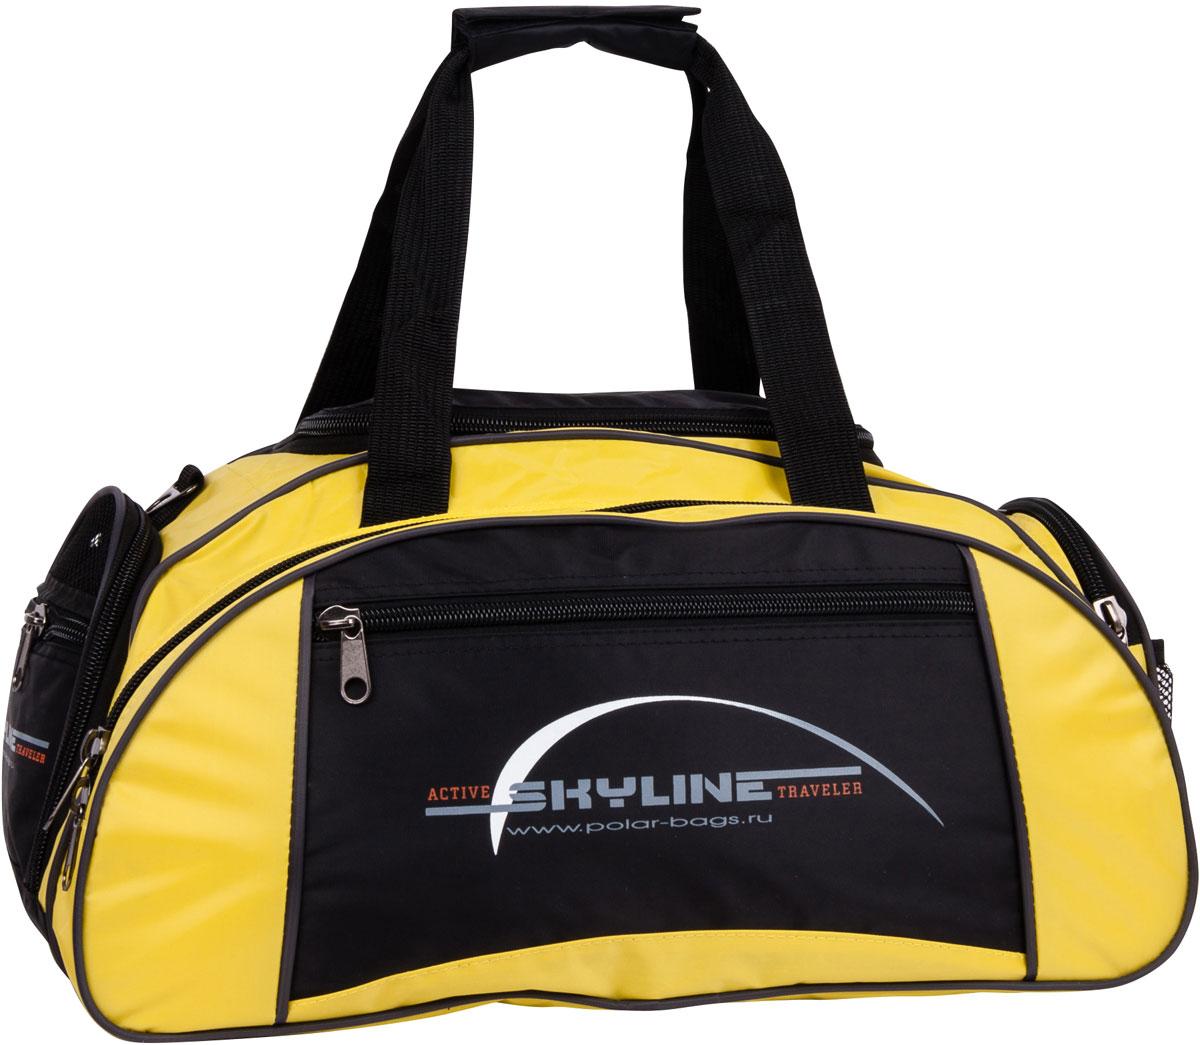 Сумка дорожная Polar Скайлайн, цвет: черный, желтый, 36 л сумка спортивная polar скайлайн цвет черный желтый серый 53 л п05 6